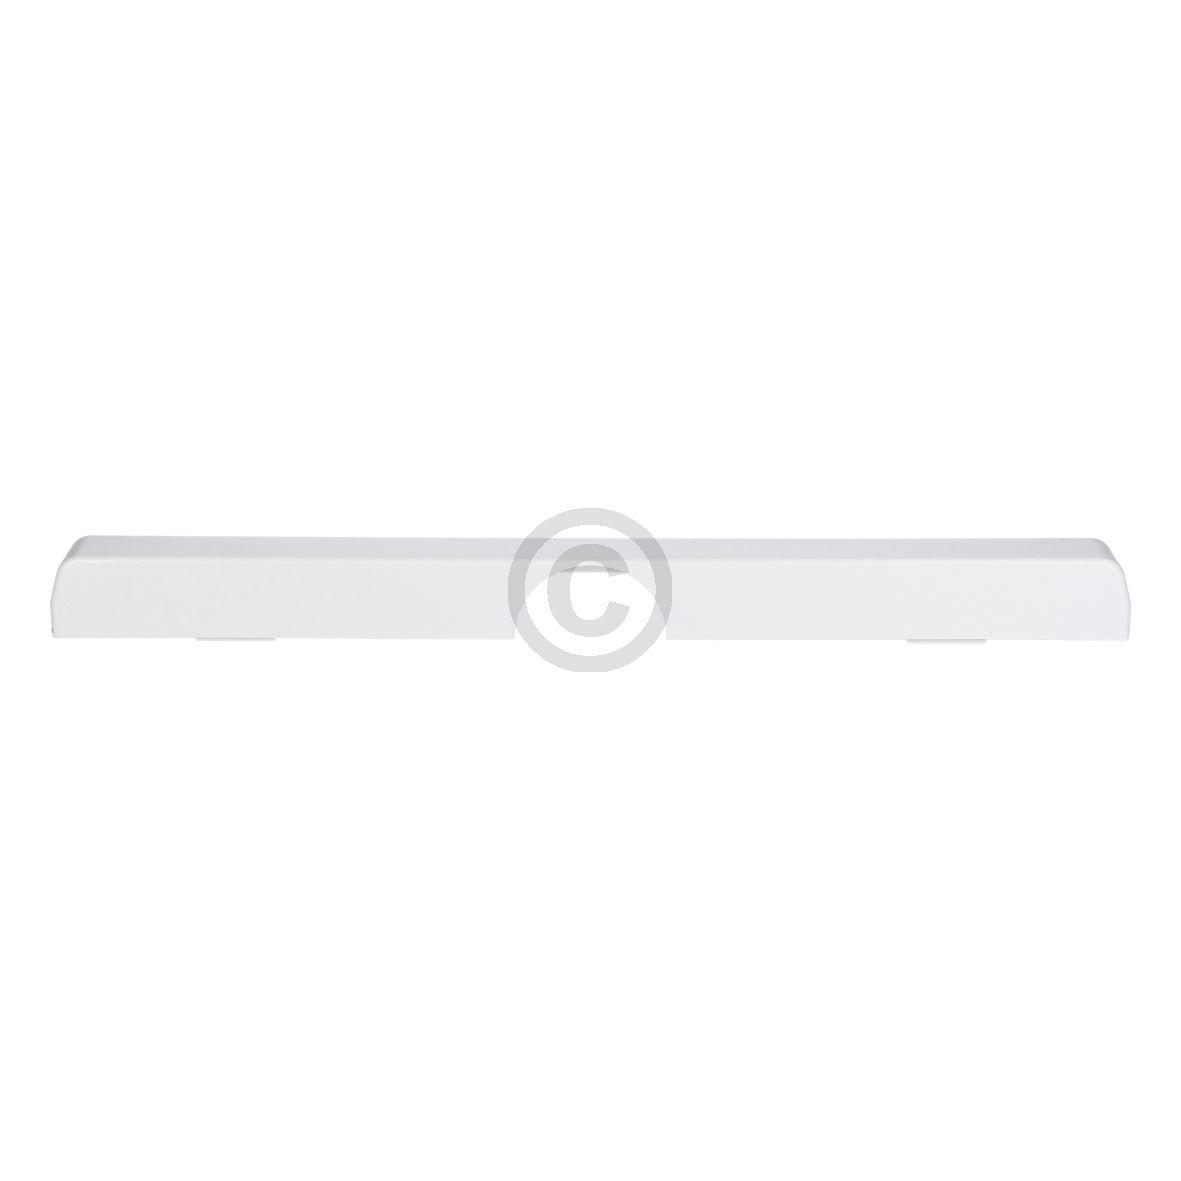 Abdeckung für Flachscharnier 00353161 353161 Bosch, Siemens, Neff, Küppersbusch